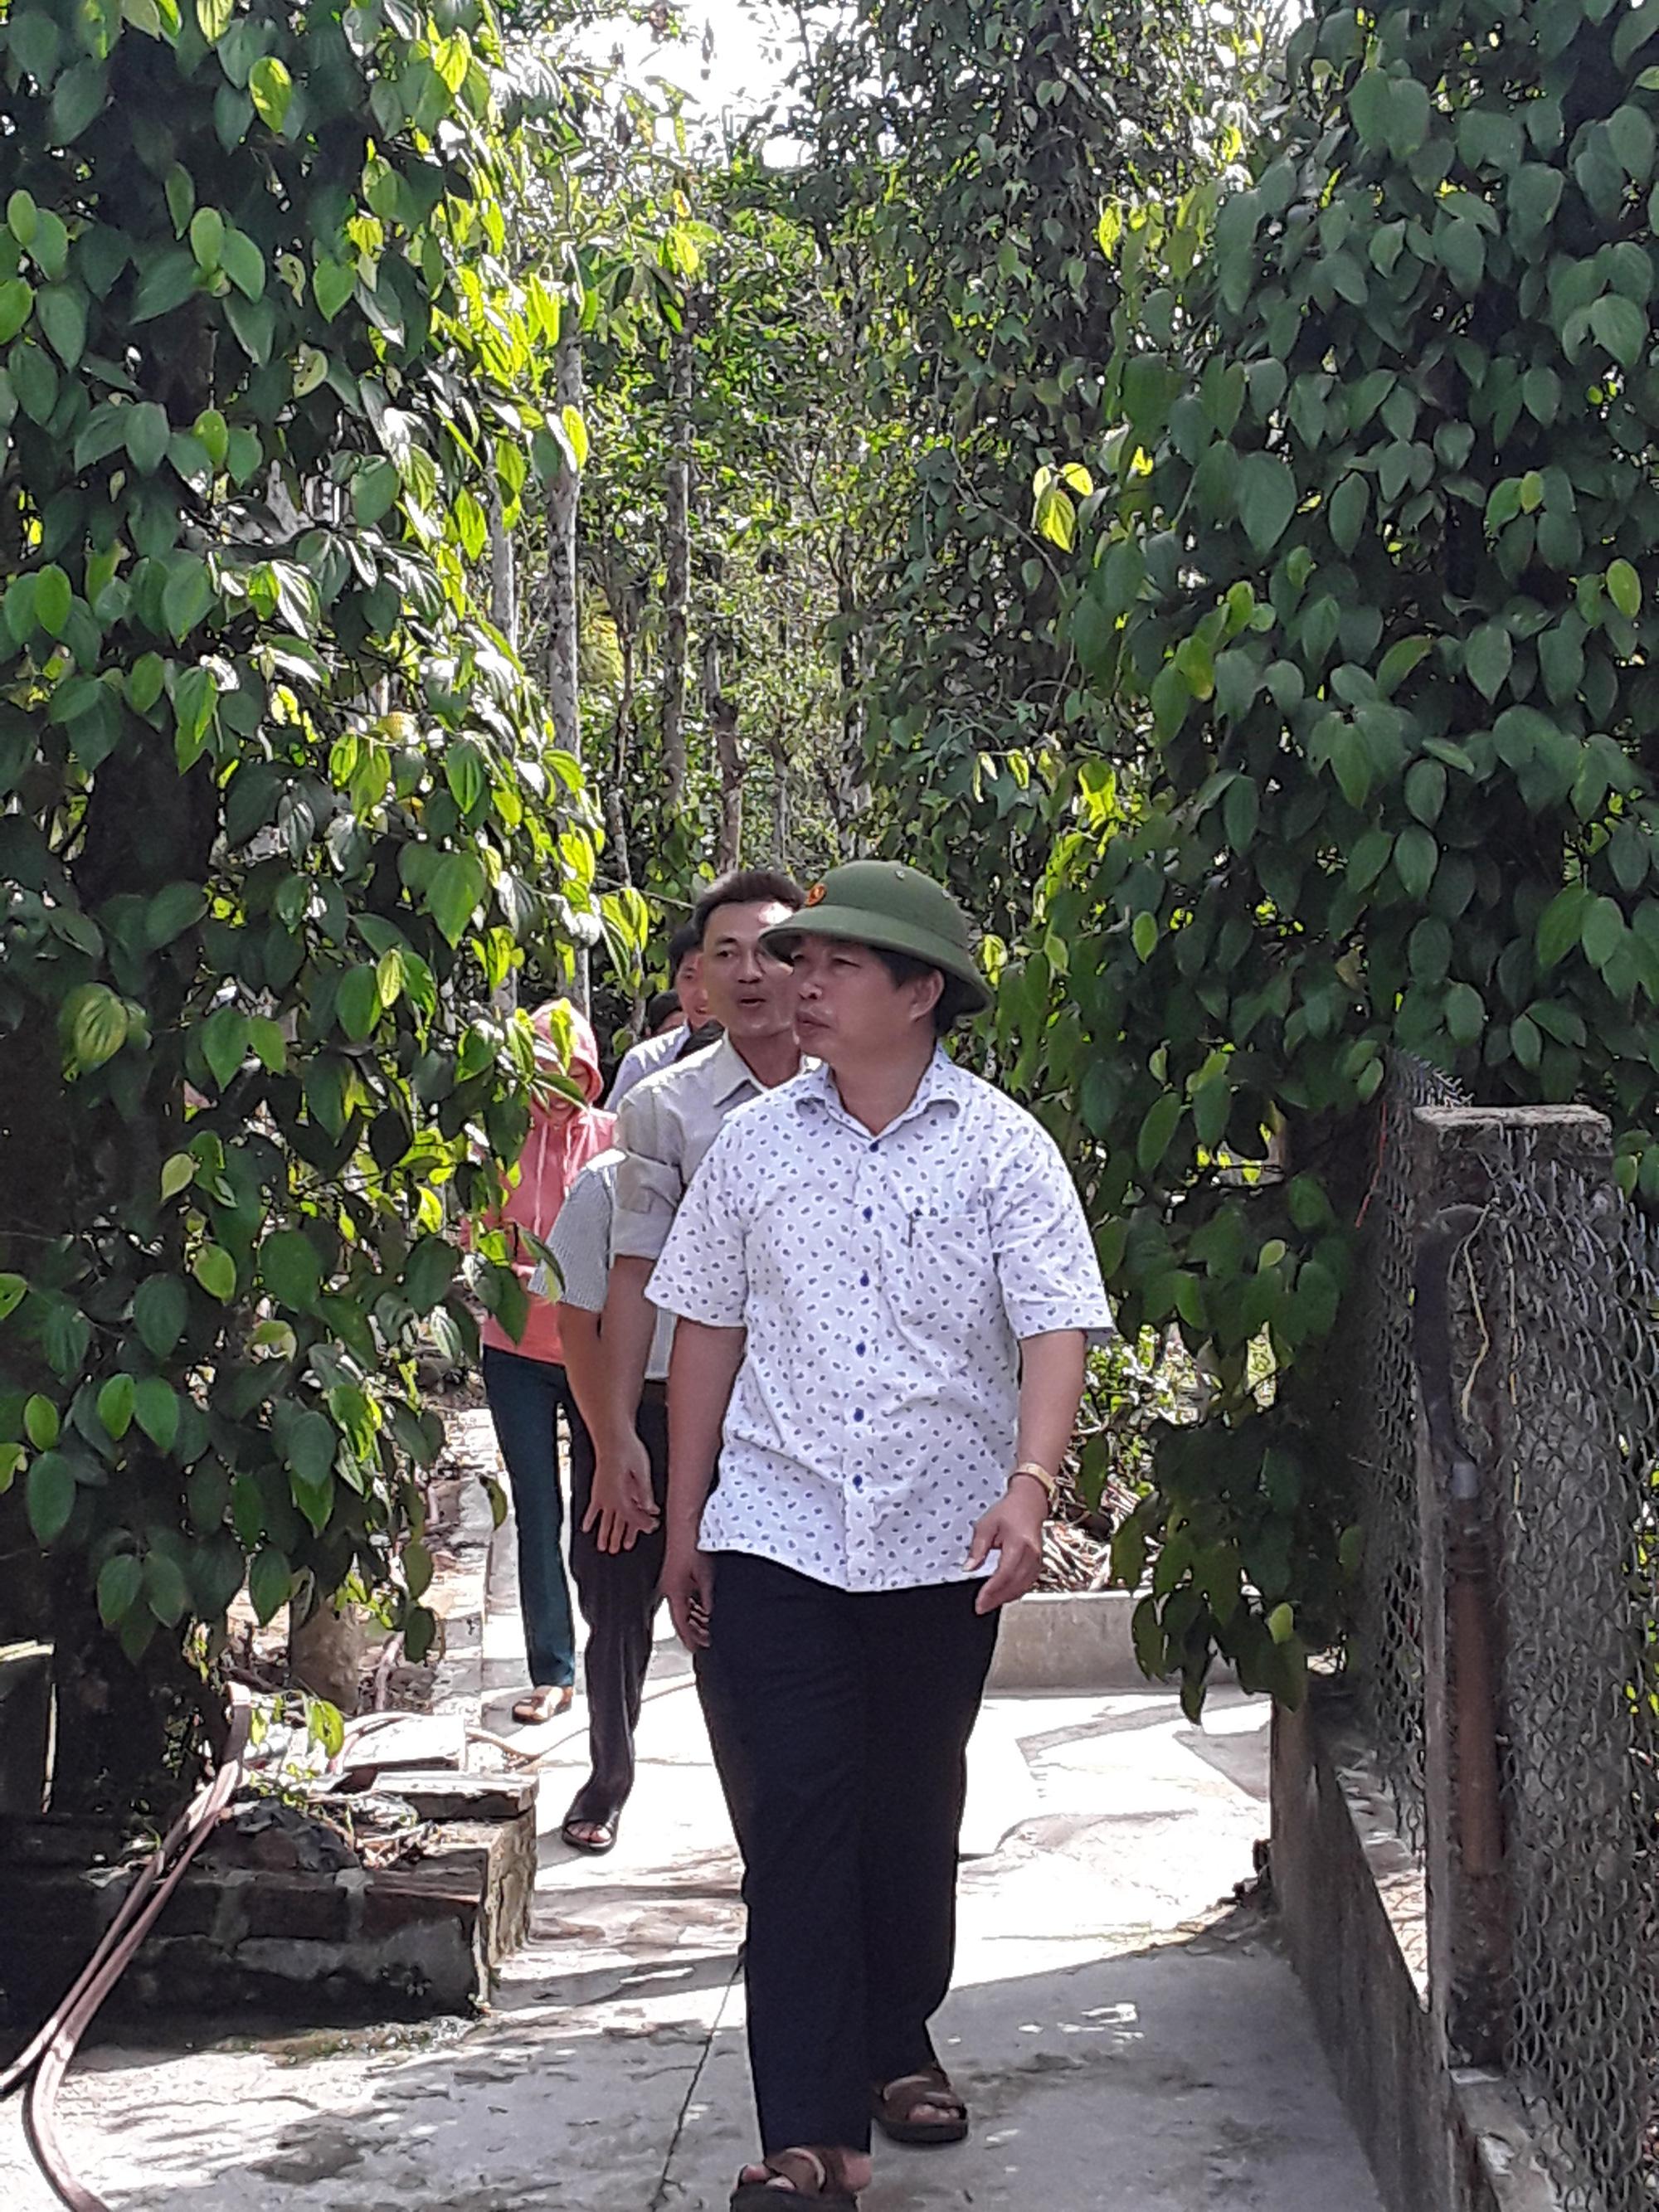 Quảng Nam: Tín dụng chính sách giúp người dân vững vàng phát triển kinh tế xã hội - Ảnh 4.